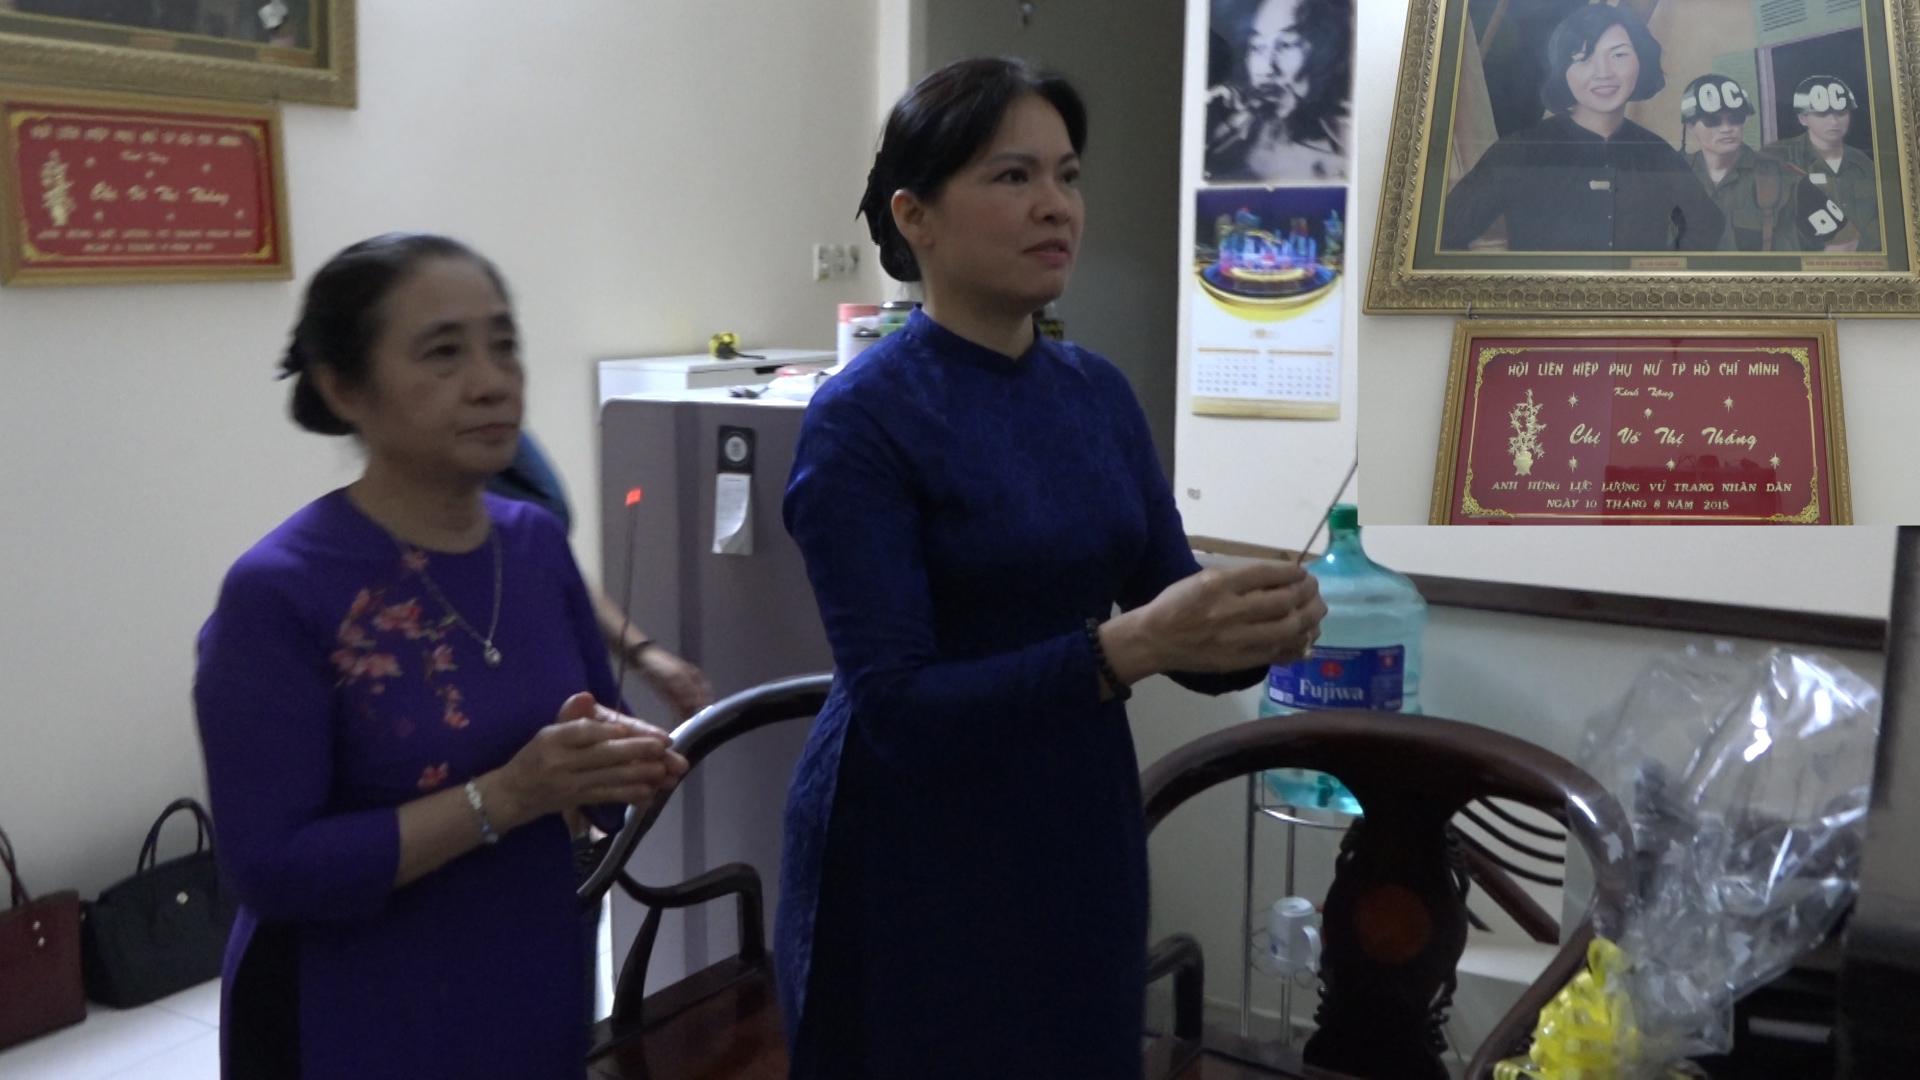 Lãnh đạo Hội LHPN Việt Nam tri ân các lãnh đạo hội tiền nhiệm - Ảnh 1.